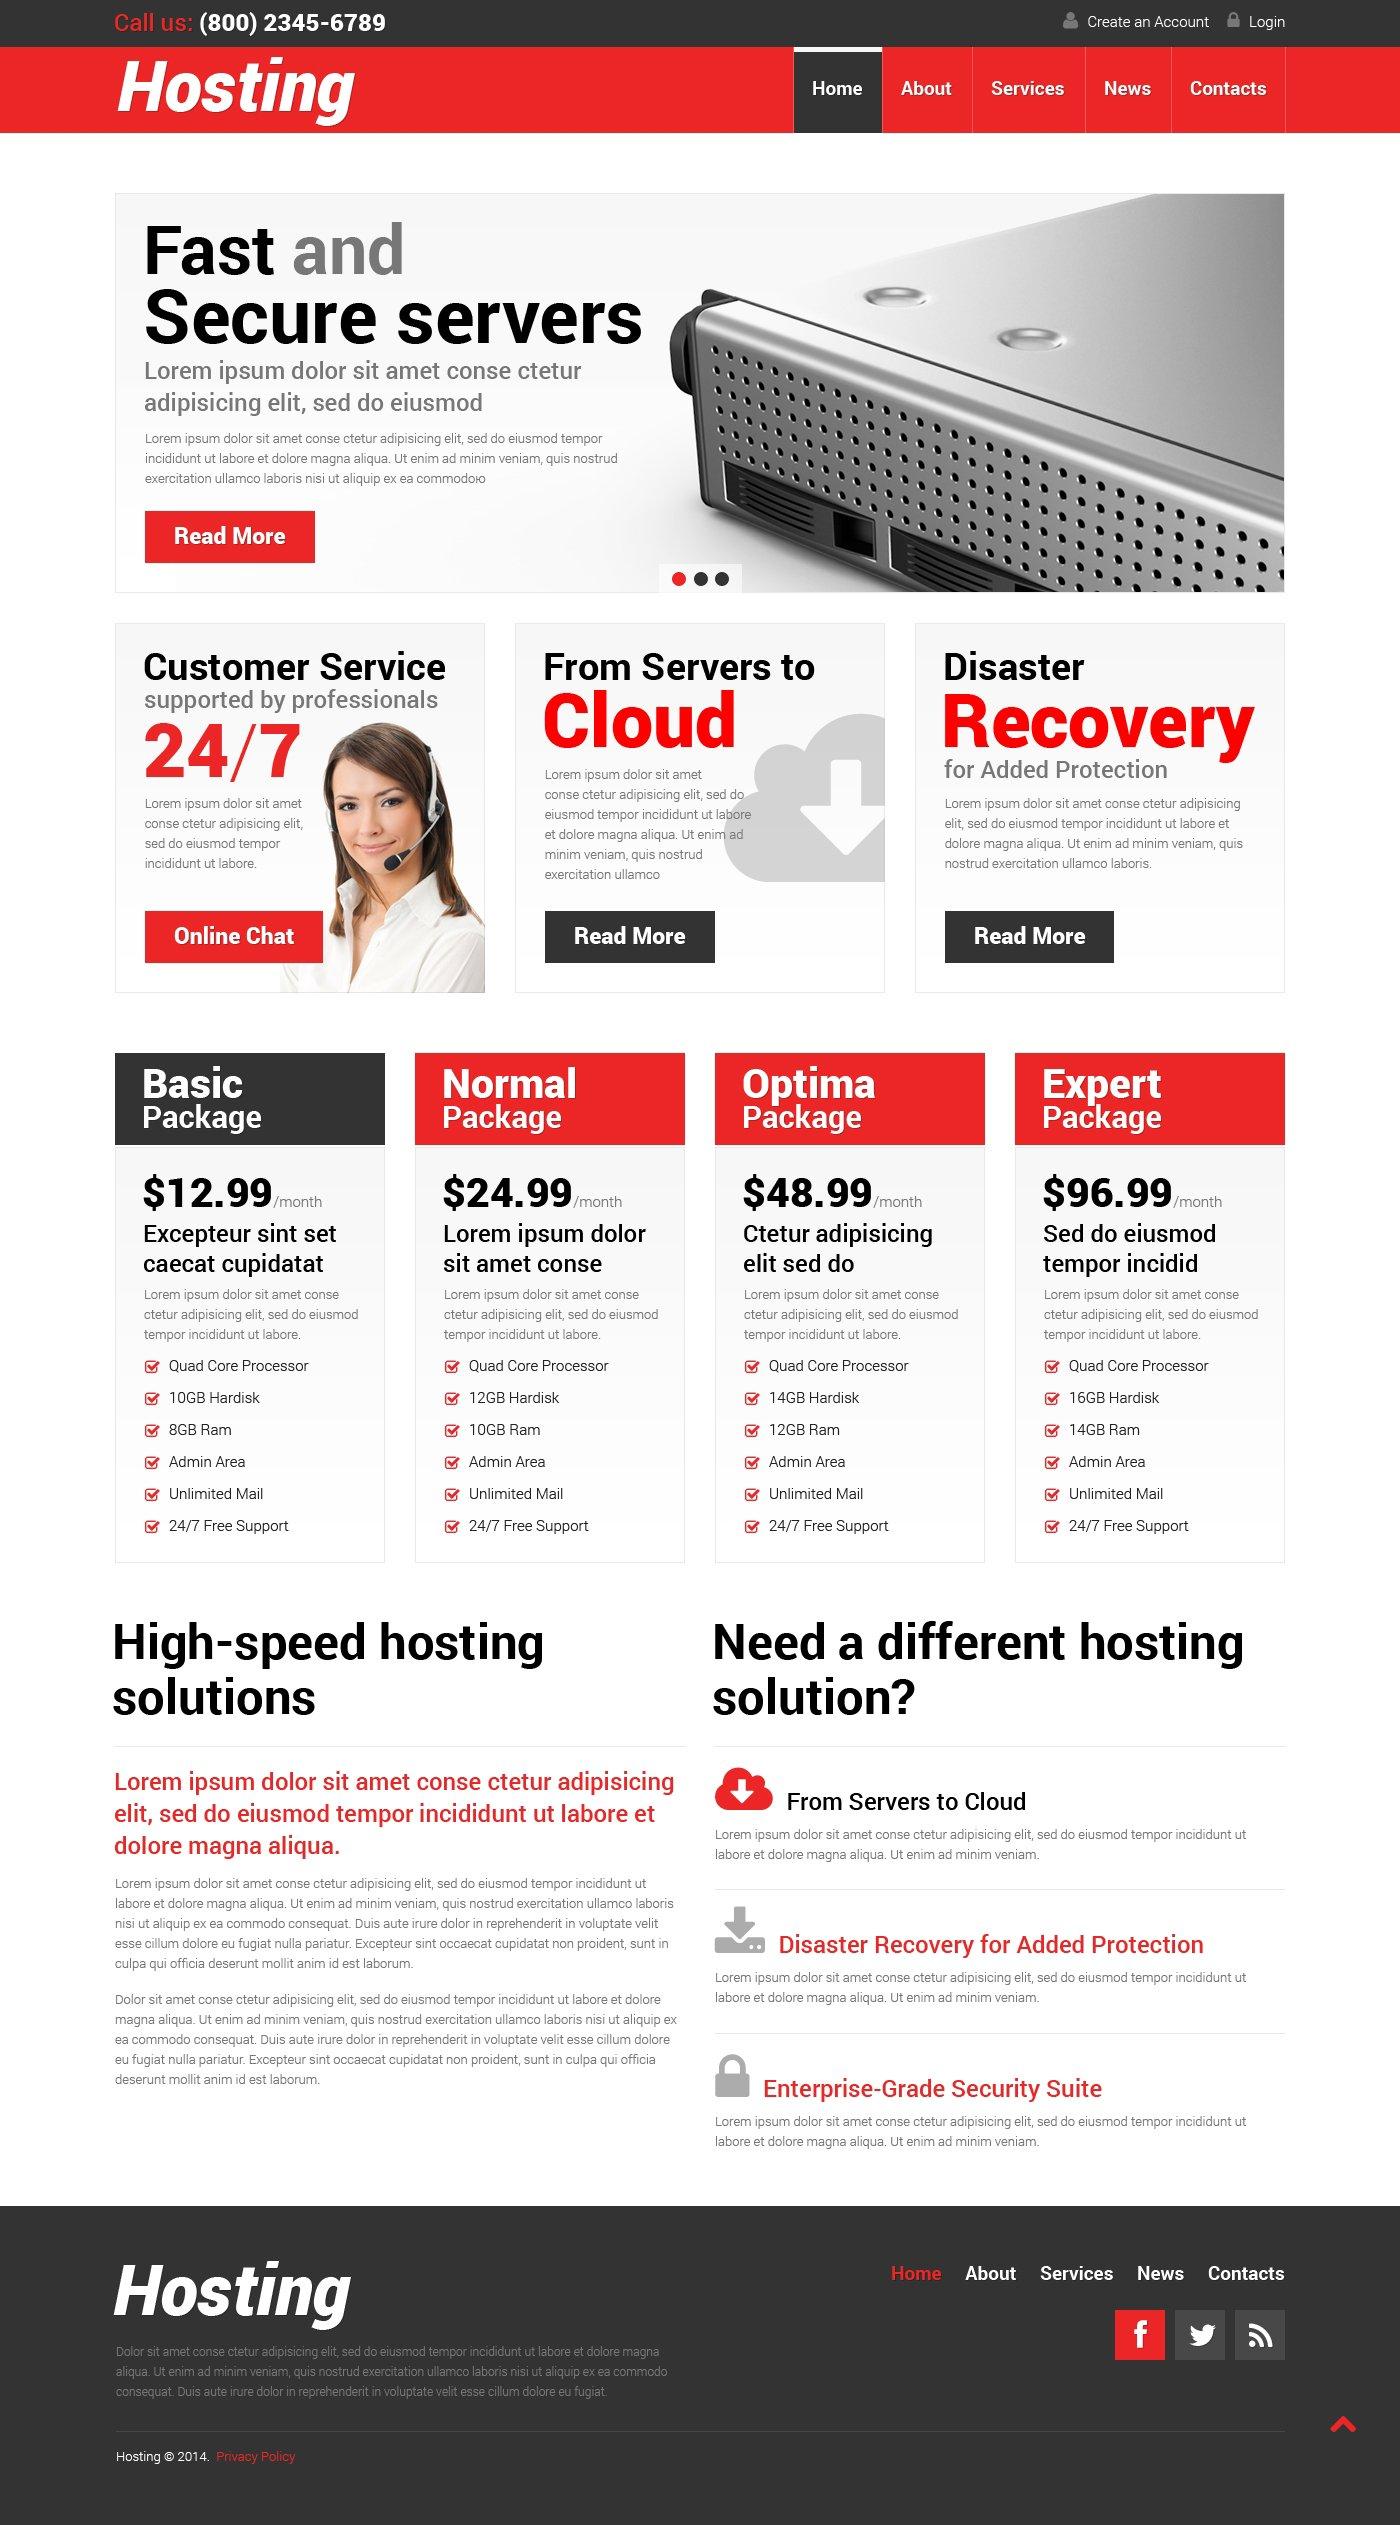 Thème WordPress adaptatif pour site de société d'hébergement #50999 - screenshot